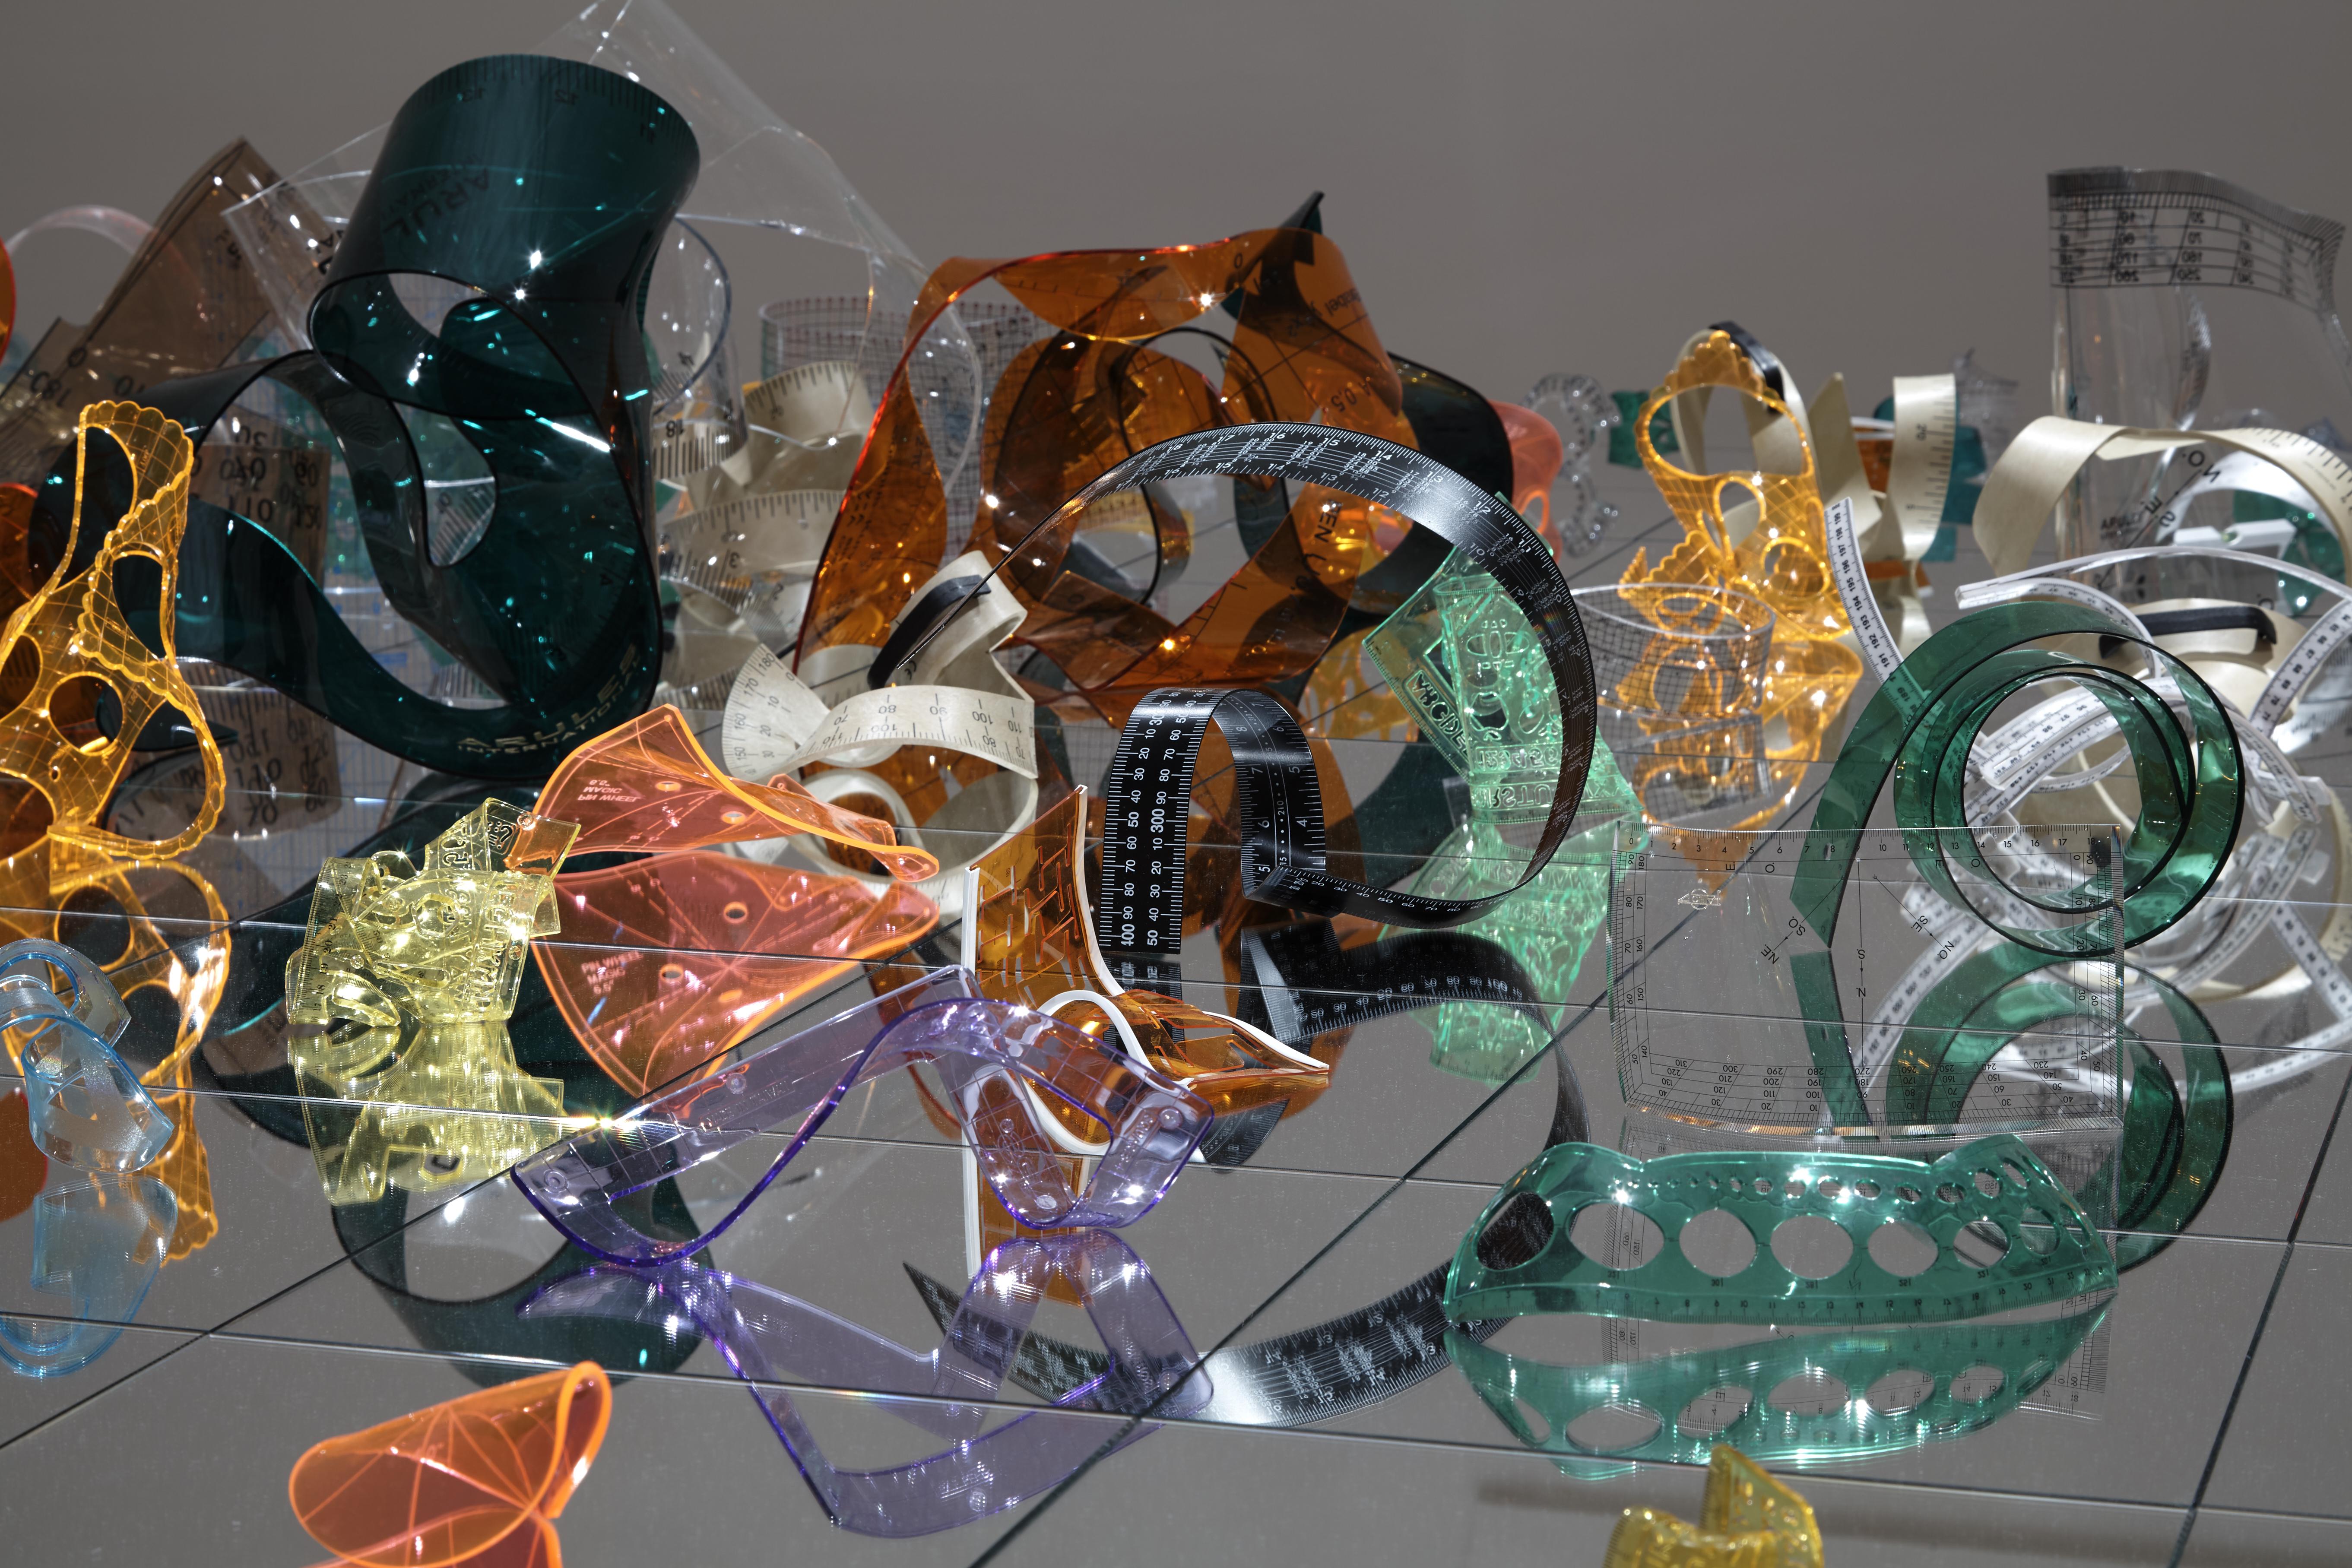 002 - Juan Luis Moraza, Courtesy Galería Espacio Mínimo, Madrid